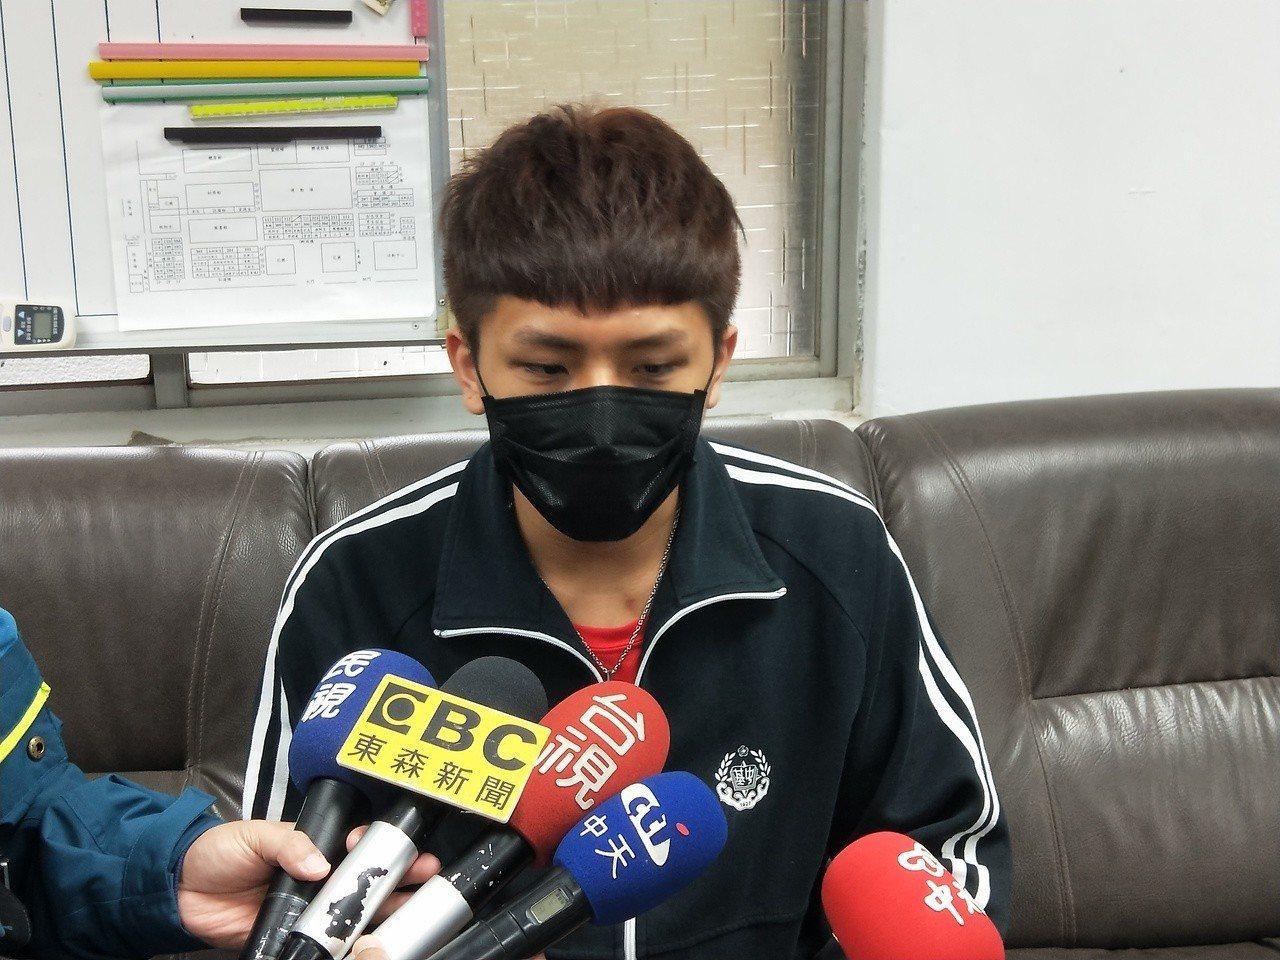 基隆中學高三學生黃至慶說,自己也掉過皮包,特別能感同身受。記者游明煌/攝影